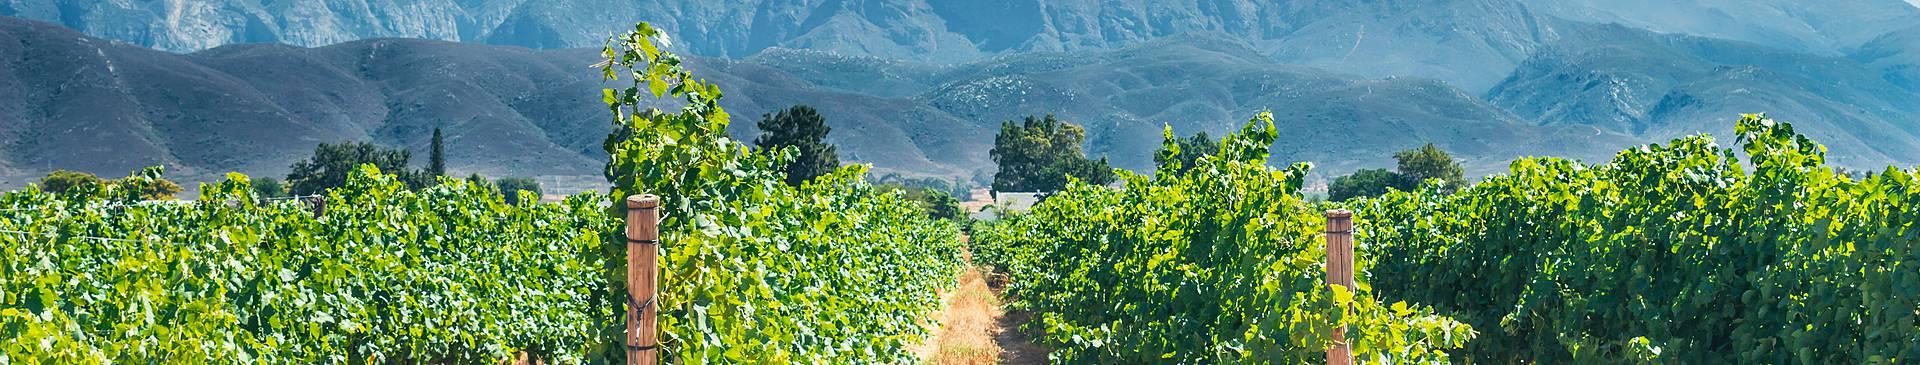 Rutas gastronómicas y enológicas por Sudáfrica